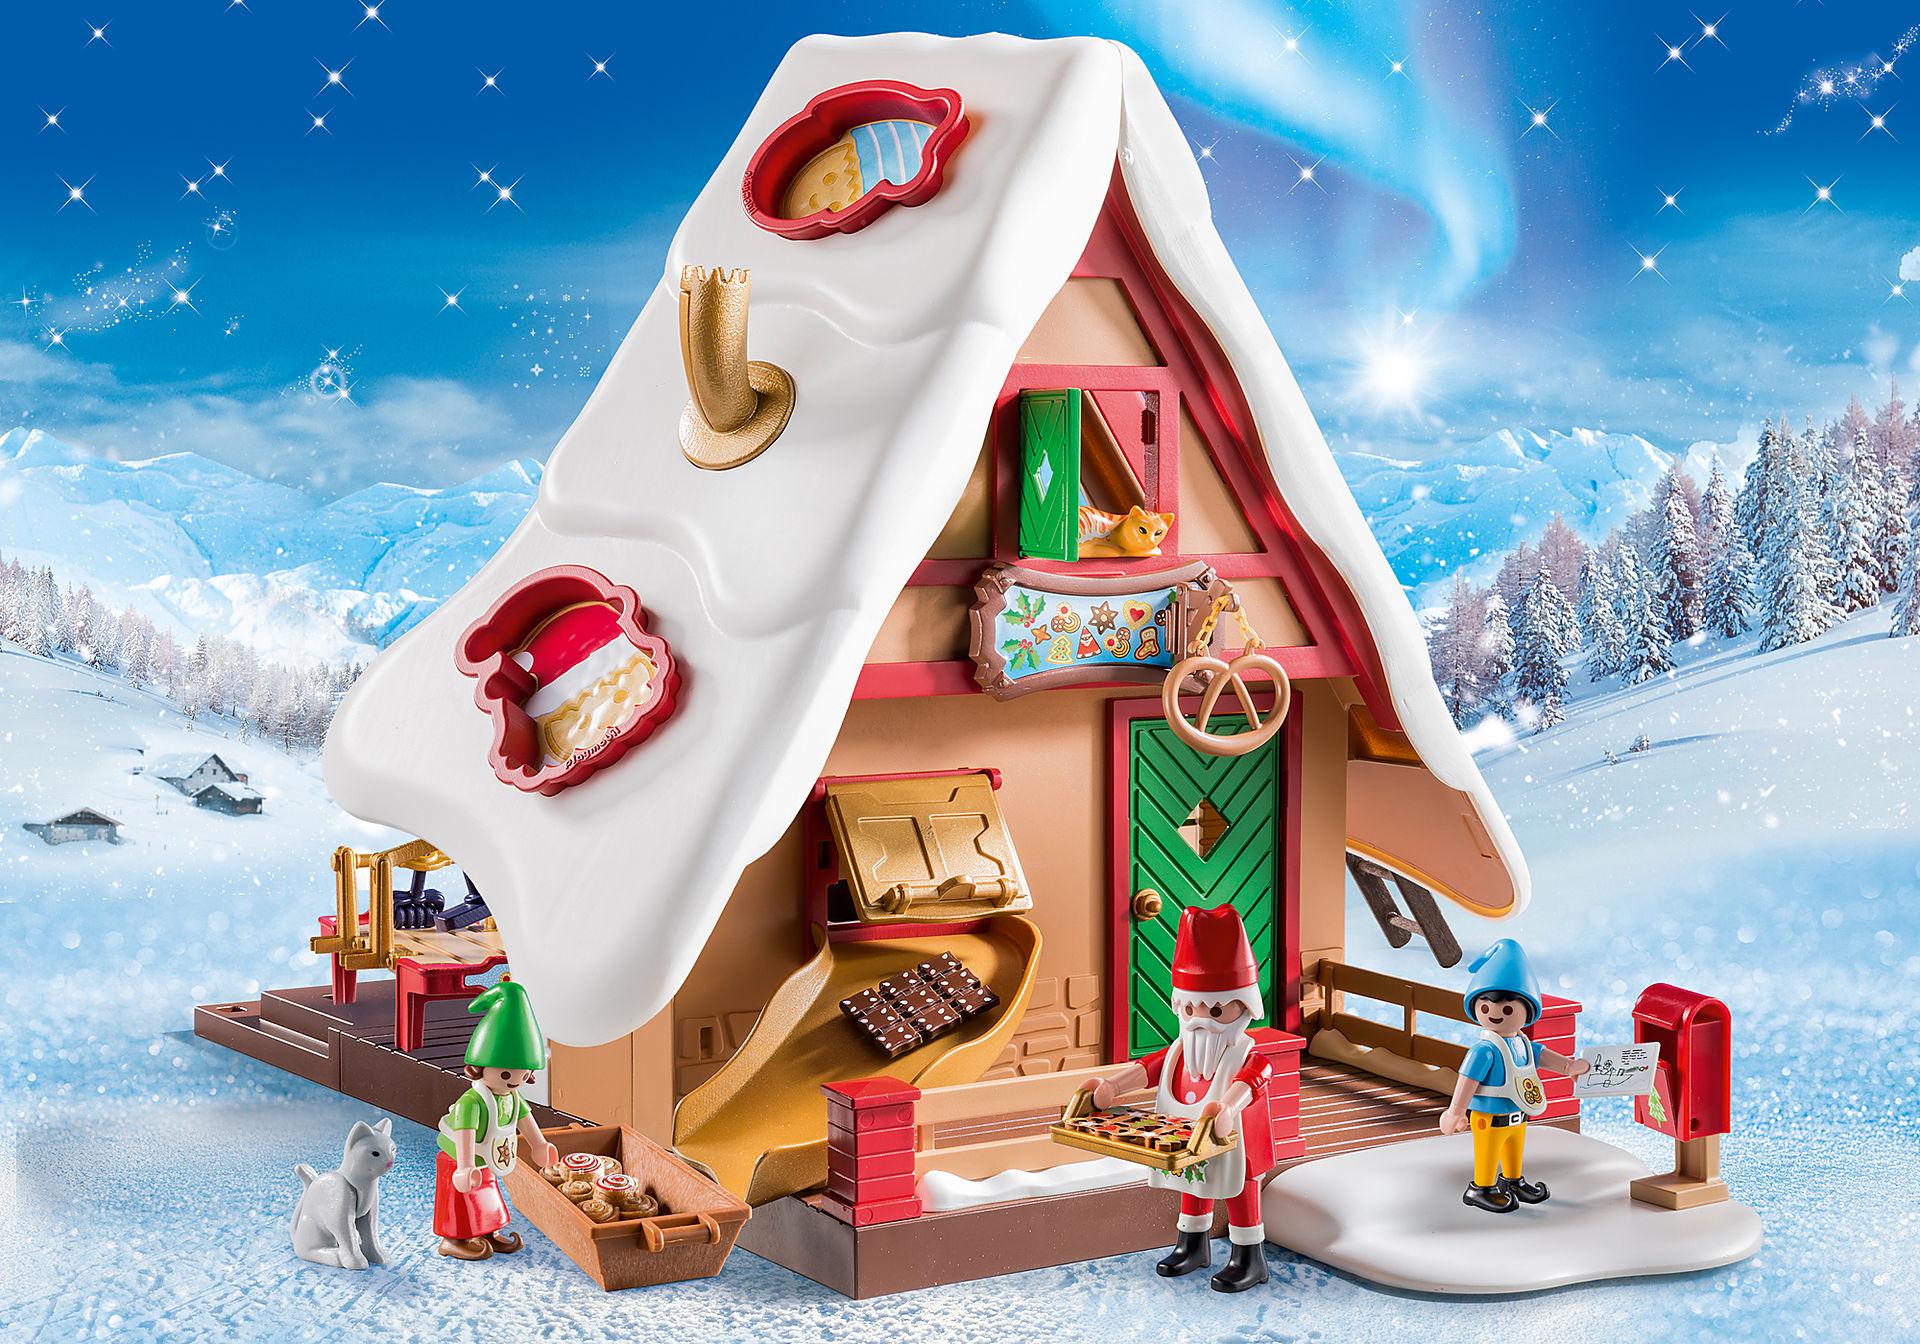 9493 Kerstbakkerij met koekjesvormen zoom image1